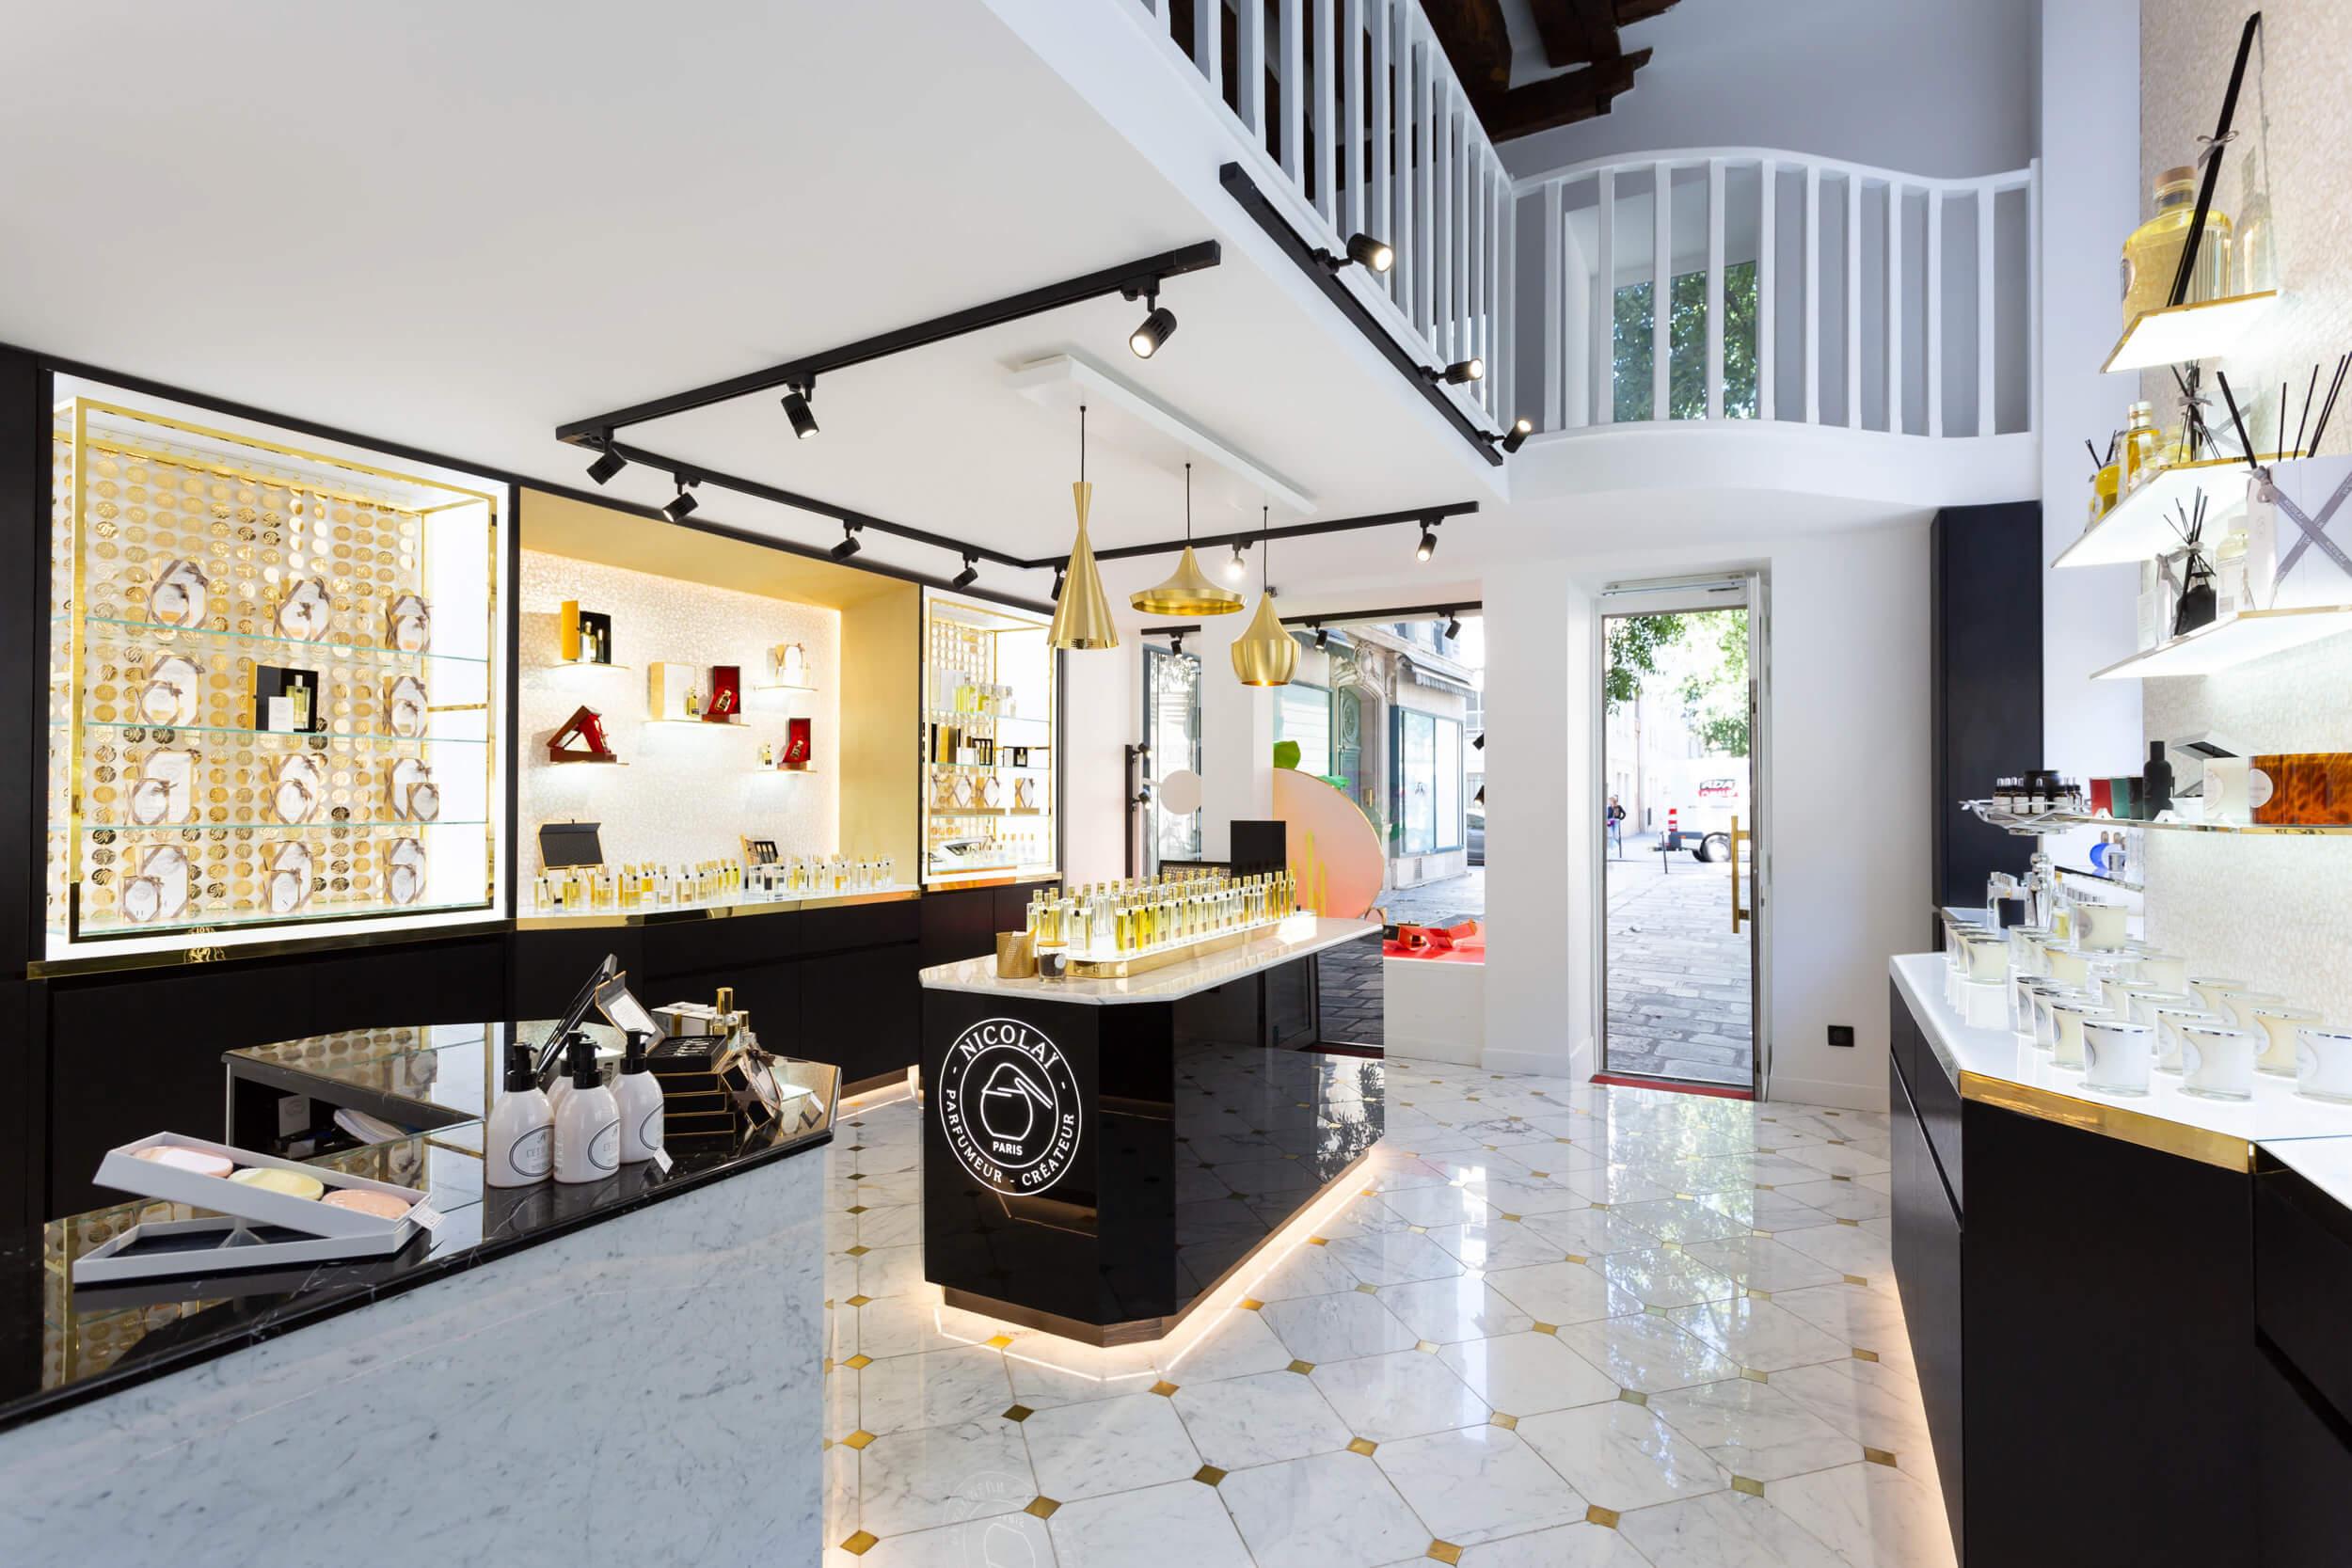 Vue d'intérieur de la boutique Nicolaï rénovée par Heliot dans les tons dorés, blancs et noirs et îlot central mettant en valeur les parfums